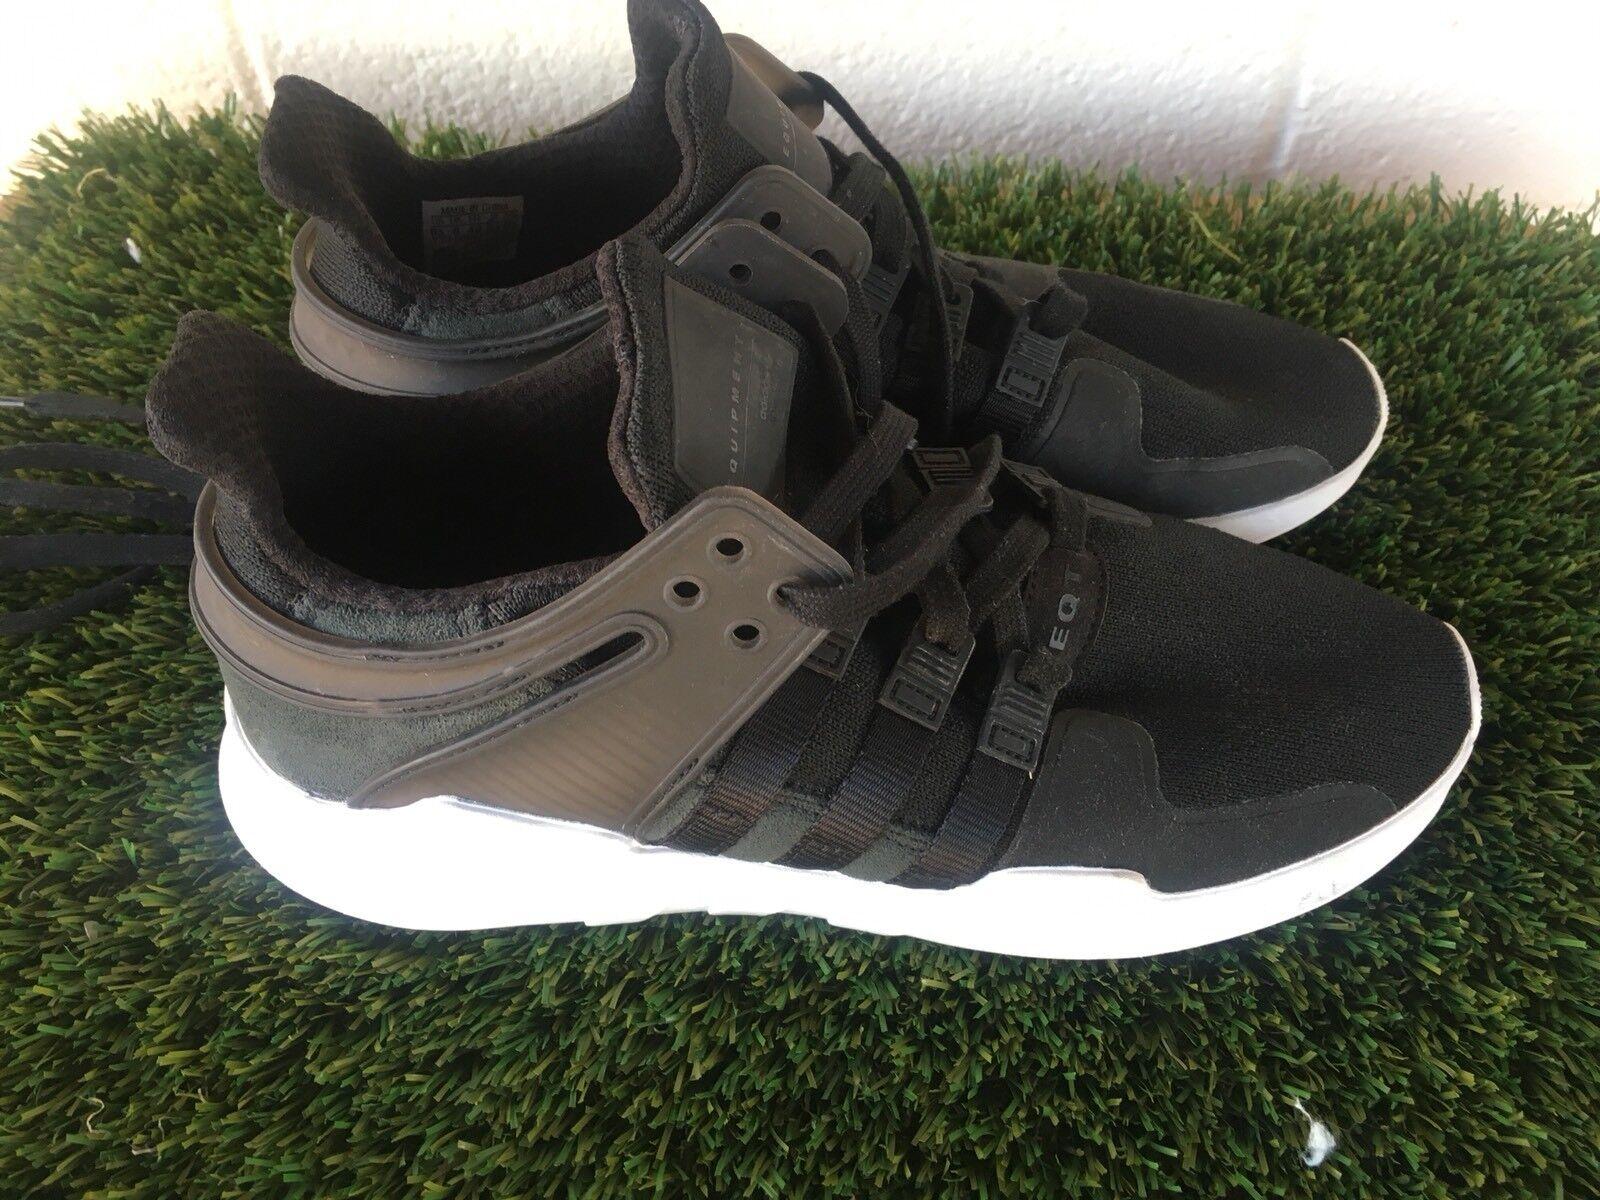 Mens adidas eqt appoggio avanzata nero scarpe bianche bianche bianche misura 8,5 o 42 euro | Cliente Al Primo  | Uomini/Donne Scarpa  fc952a